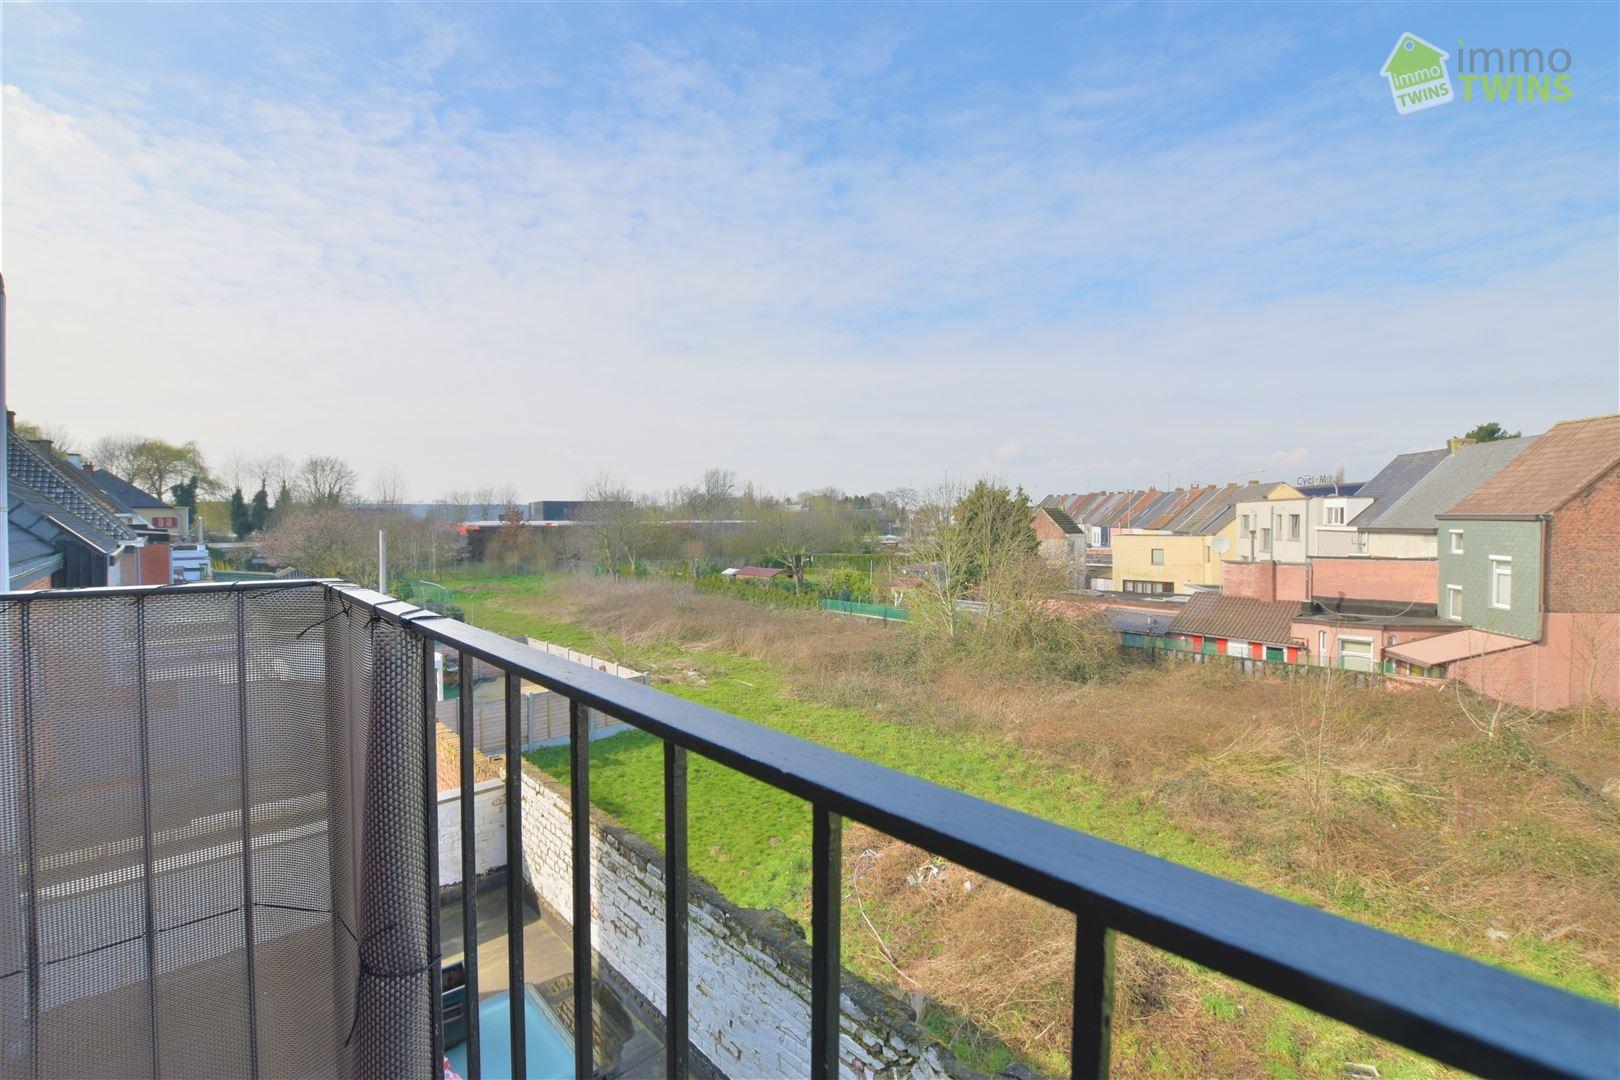 Foto 17 : Appartement te 9300 AALST (België) - Prijs € 224.000